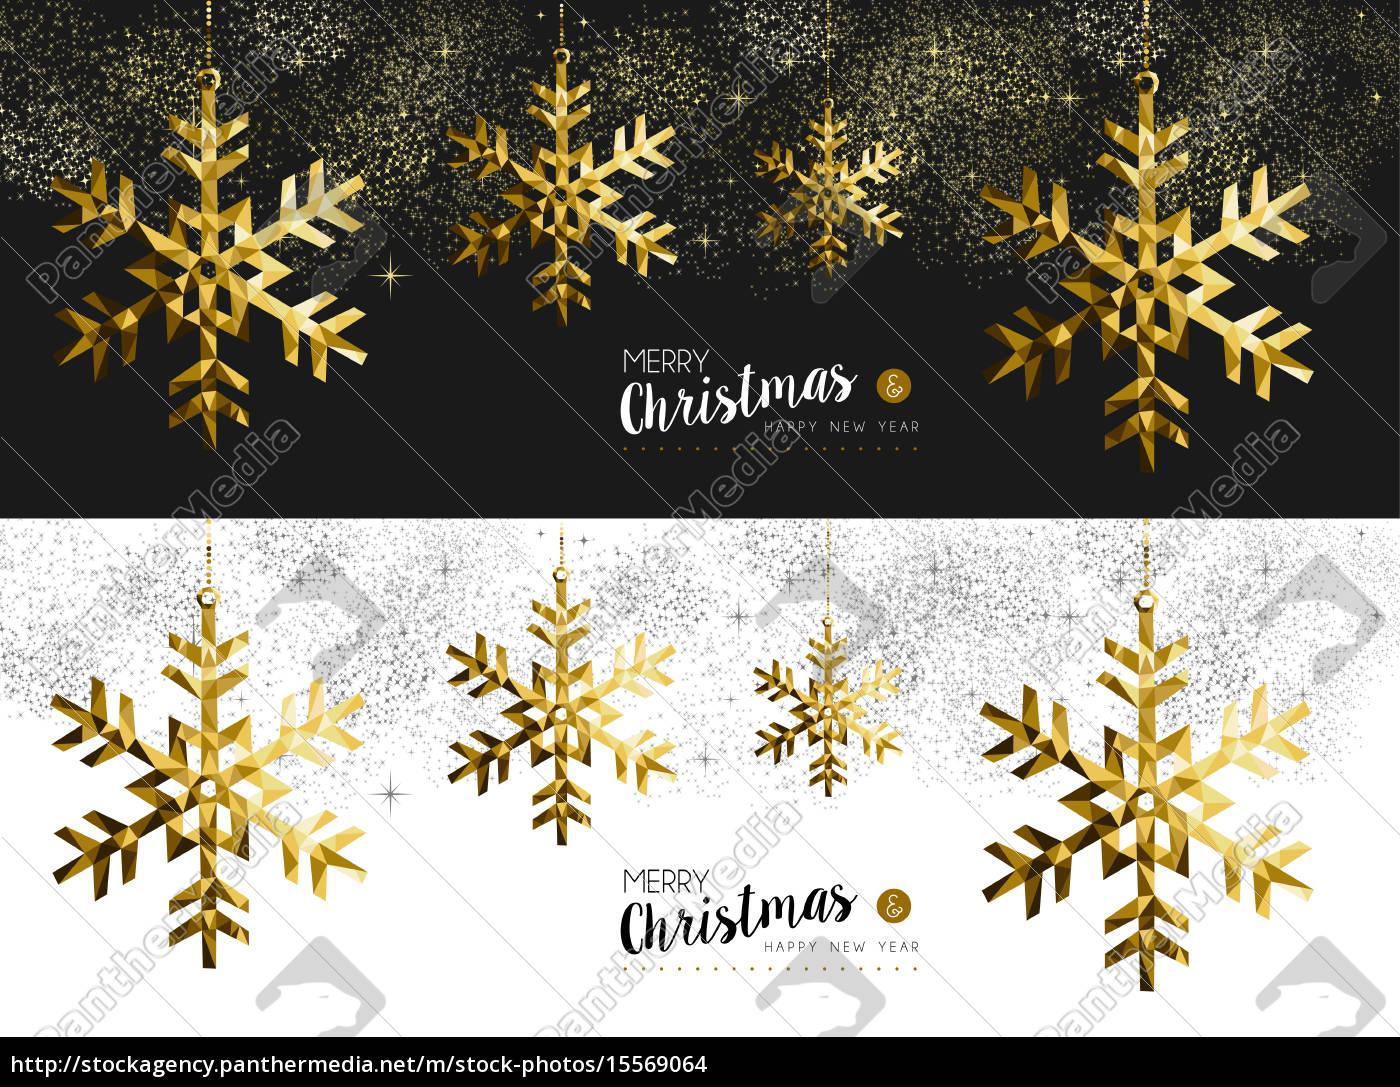 Frohe Weihnachten Gold.Lizenzfreies Foto 15569064 Frohe Weihnachten Neujahr Social Media Banner Gold